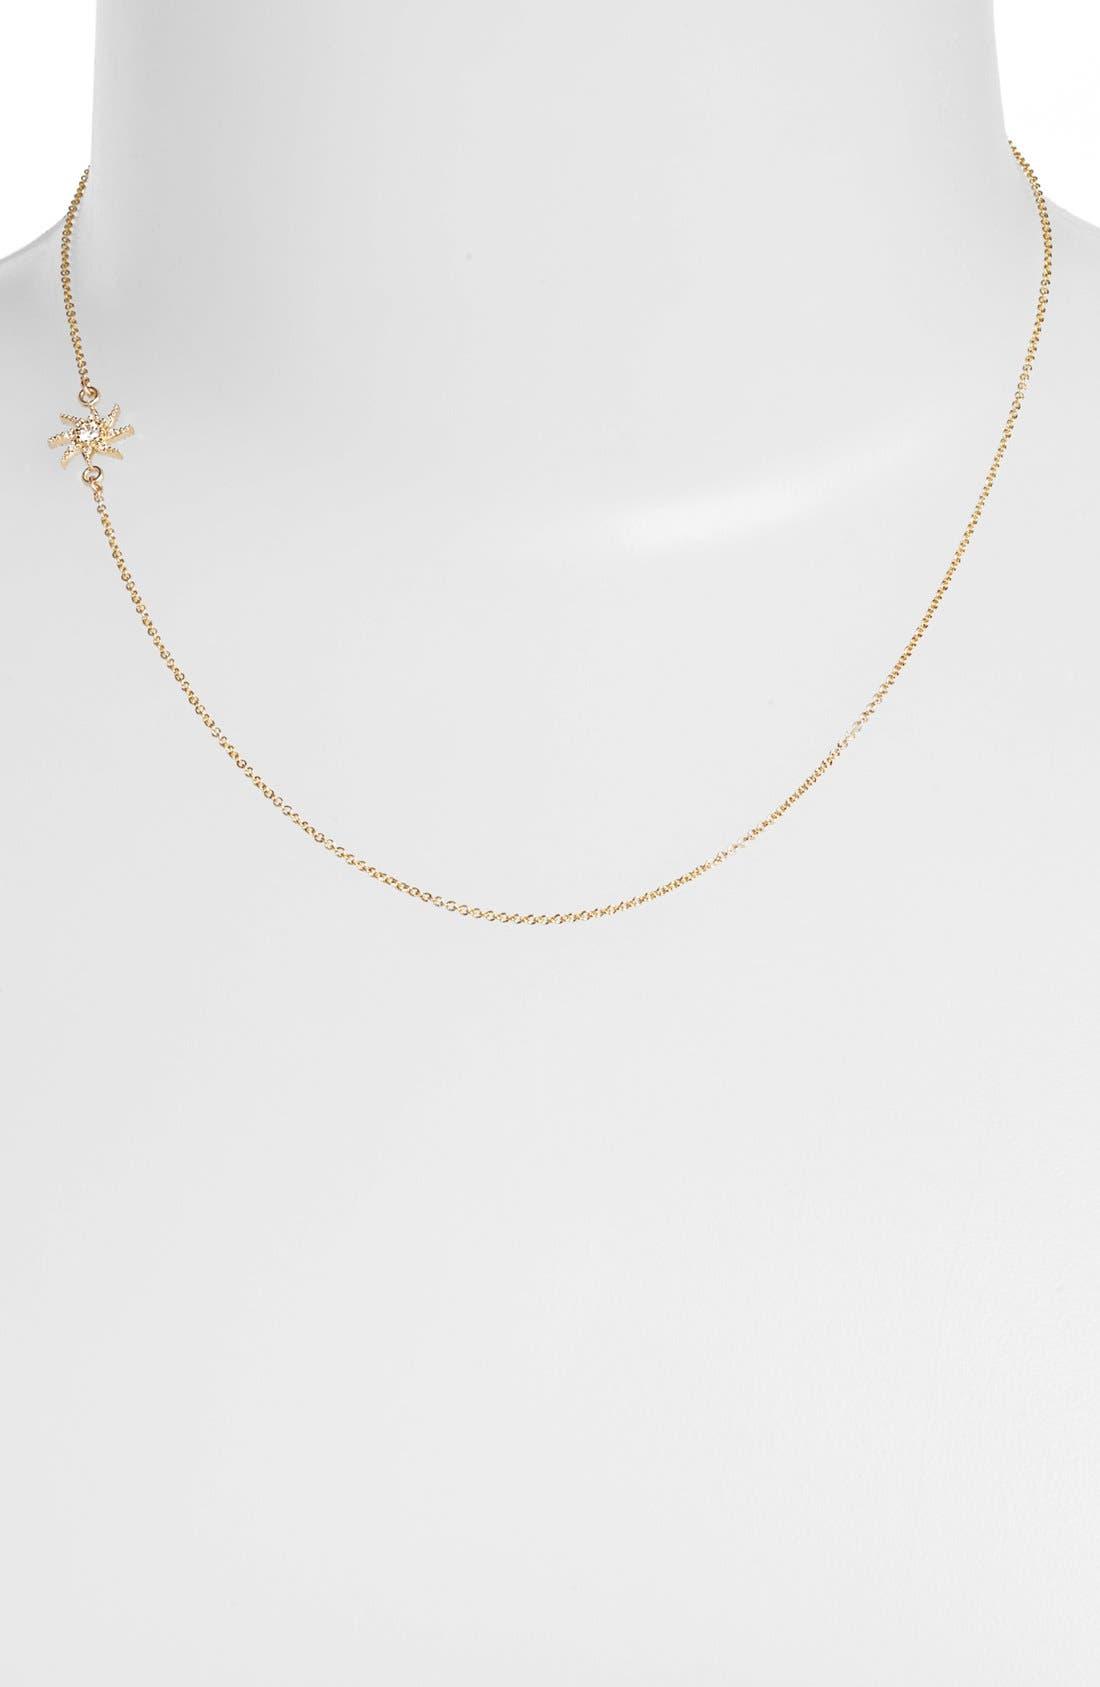 Alternate Image 1 Selected - Mizuki 'Wings of Desire' Diamond Sun Station Necklace